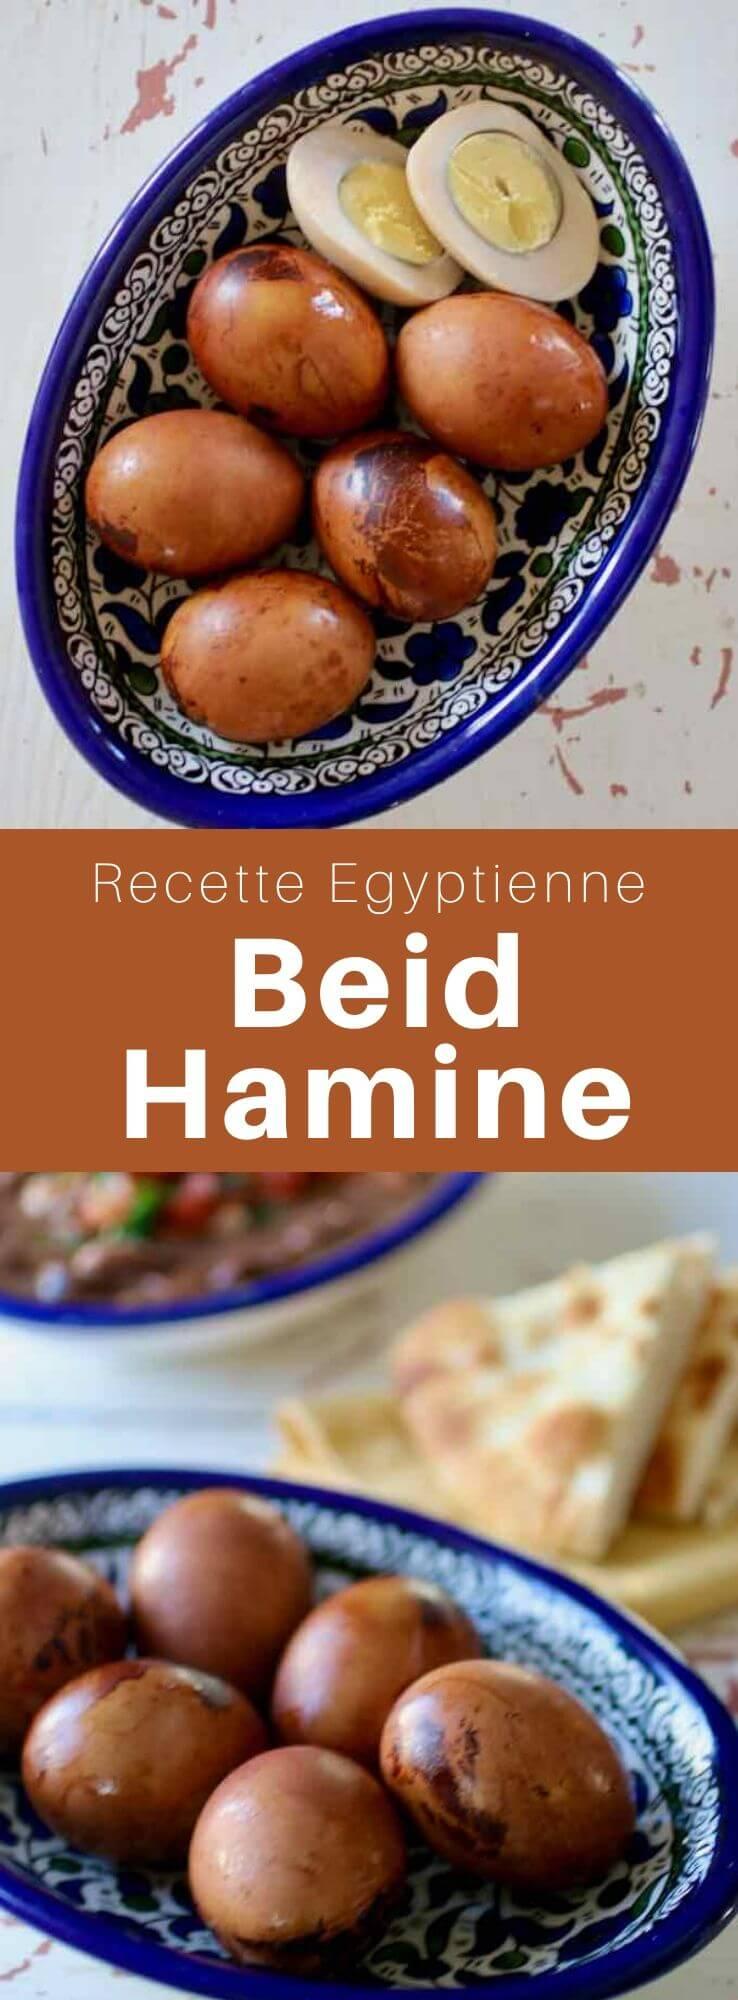 Les beid hamine sont une tradition de la cuisine juive séfarade : des œufs longtemps mijotés que l'on retrouve en Egypte, en Afrique du Nord et en Espagne. #Egypte #RecetteEgyptienne #CuisineEgyptienne #CuisineDuMonde #196flavors